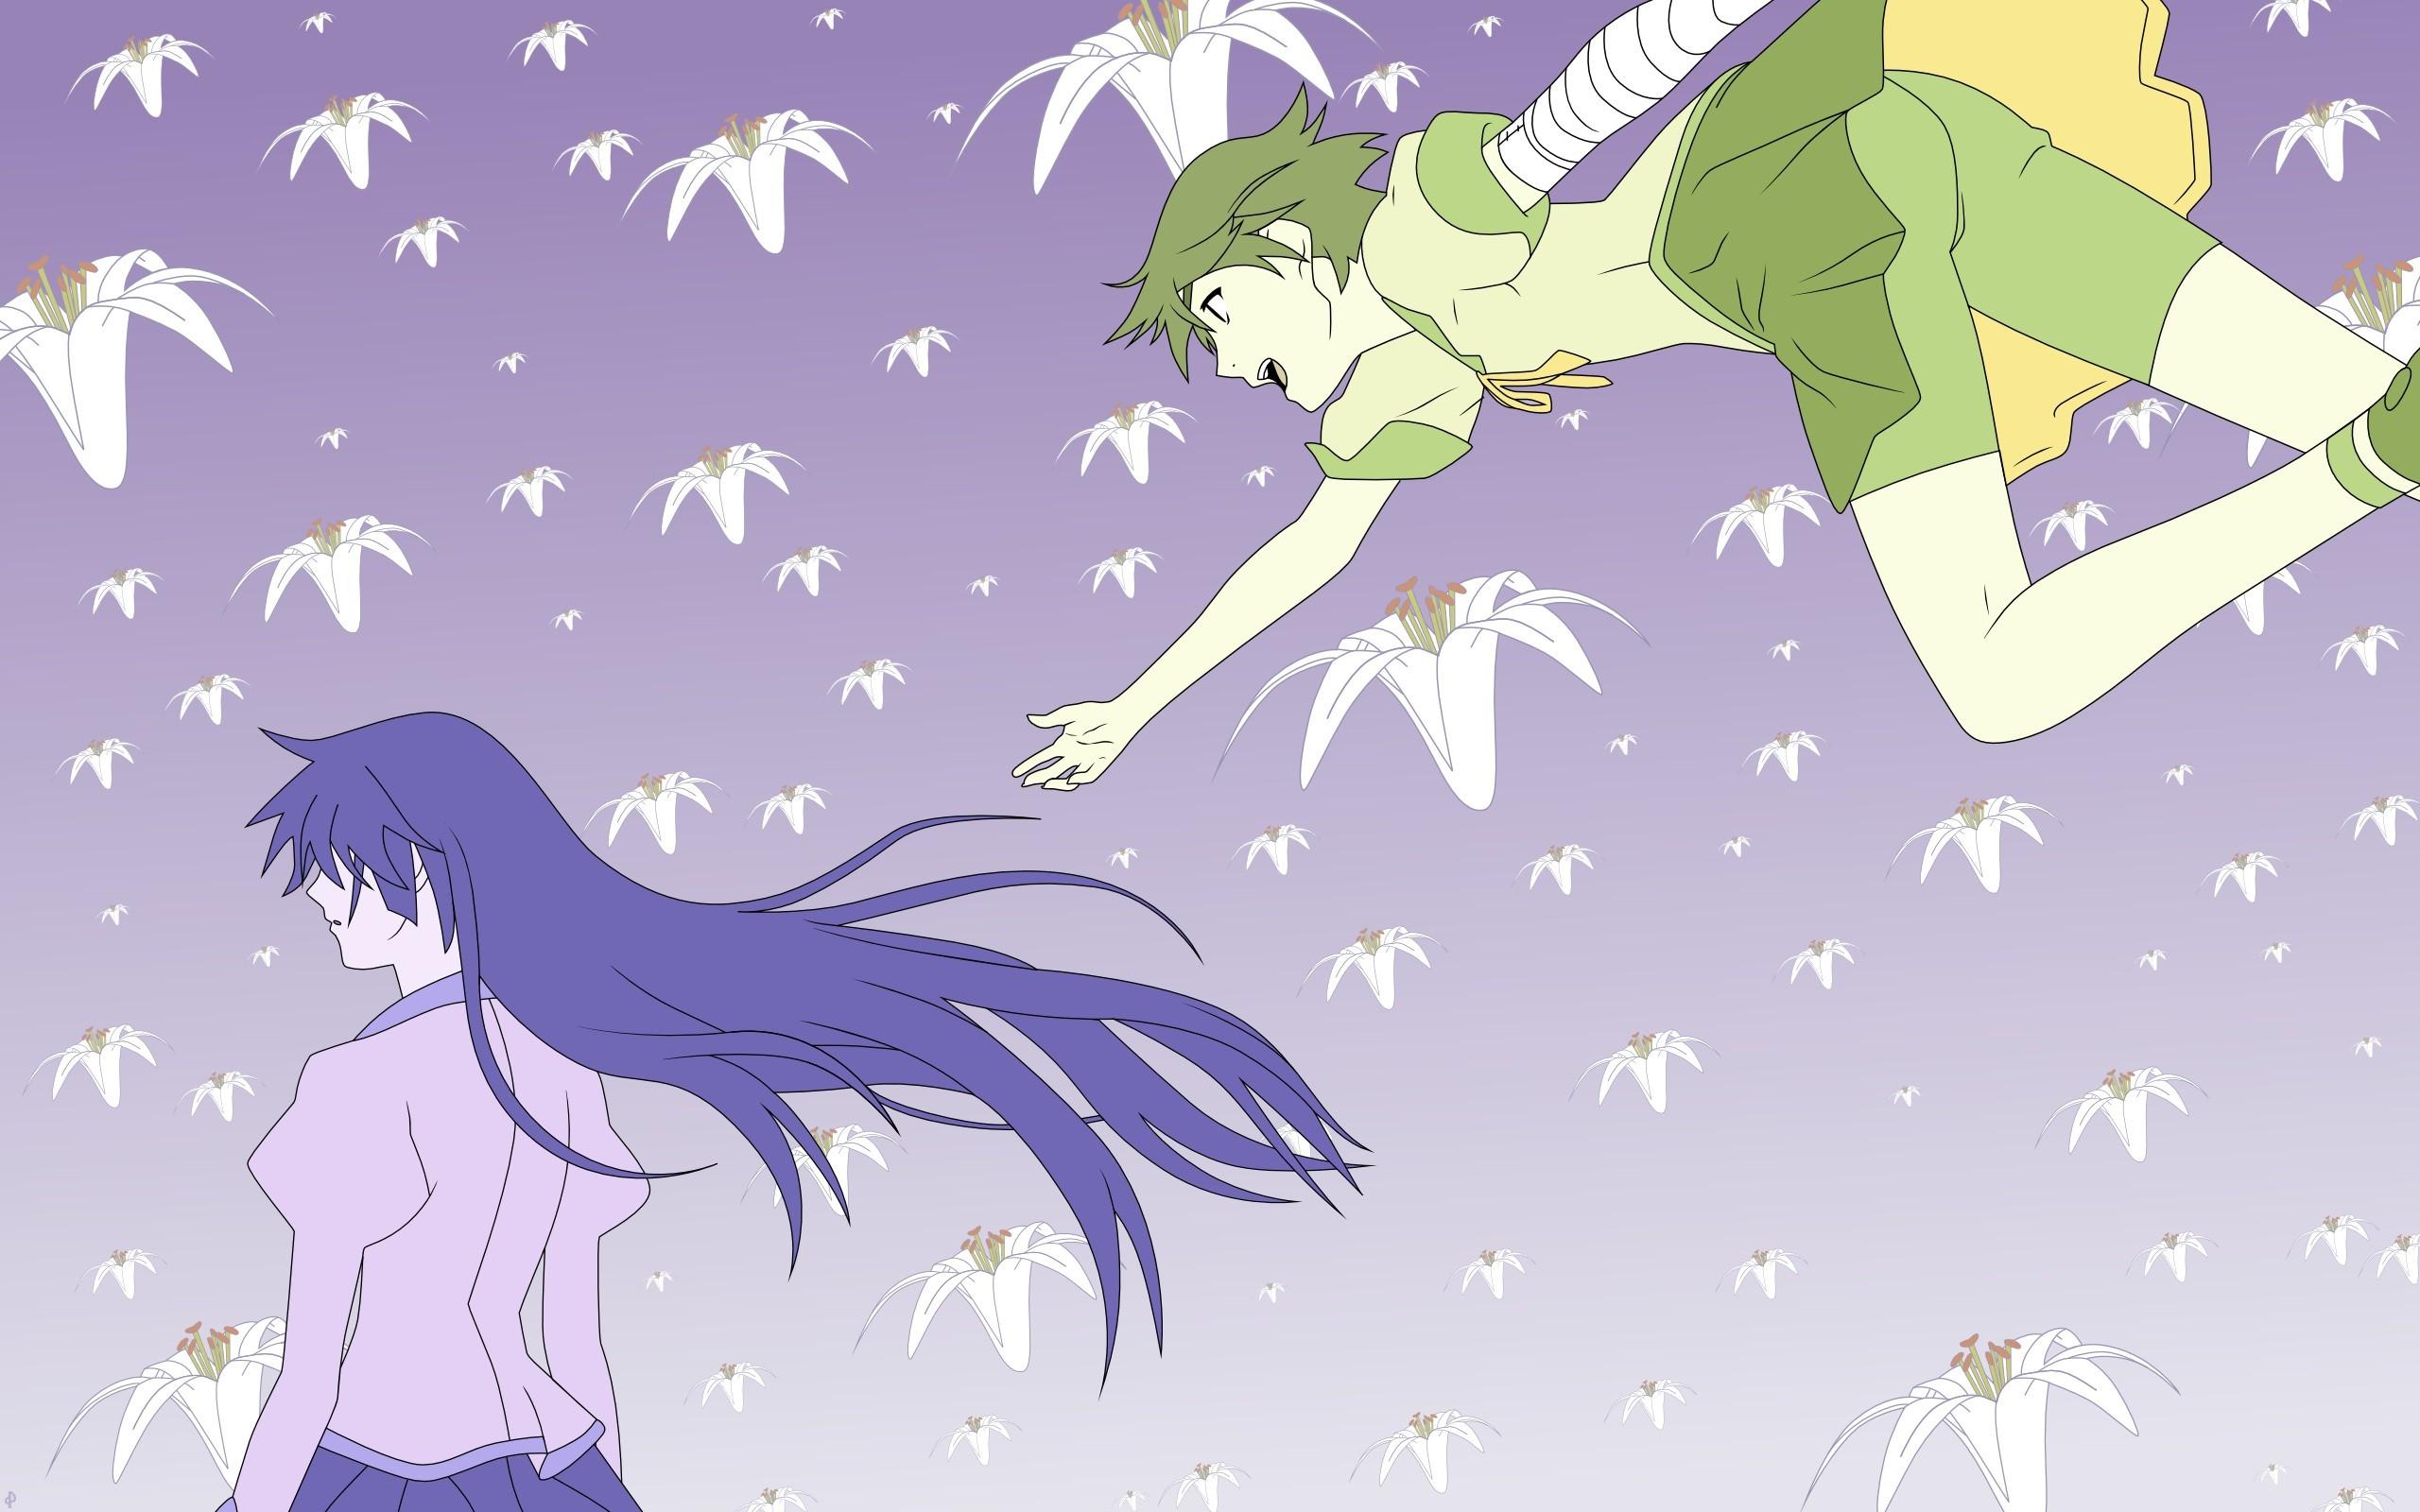 Wallpaper Ilustrasi Monogatari Series Anime Gambar Kartun